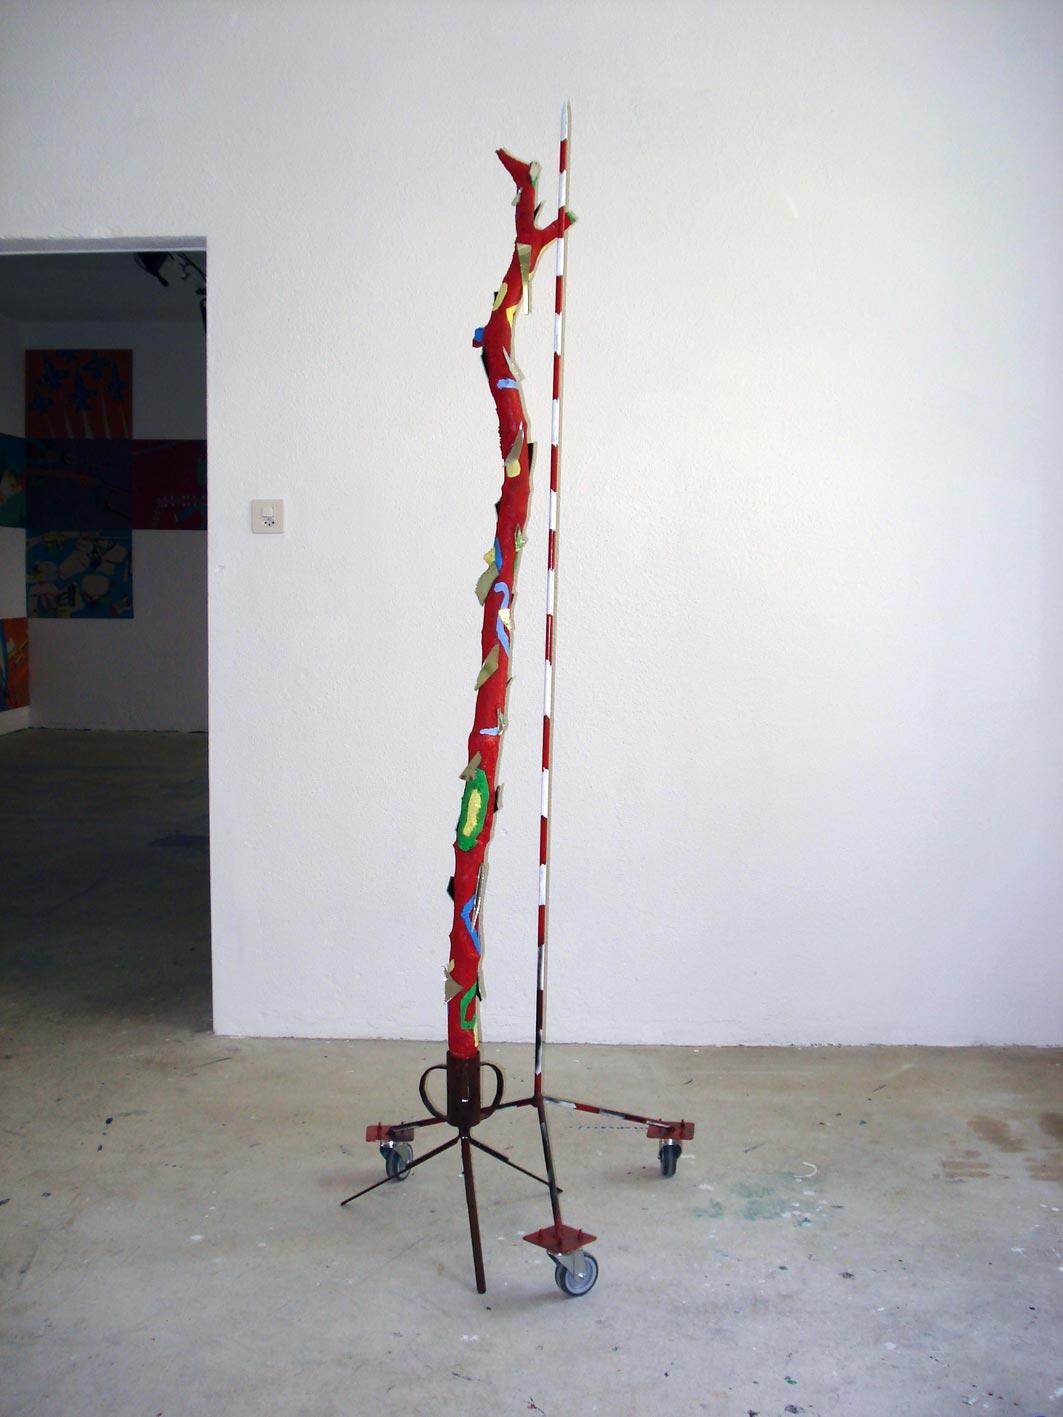 Stefan Inauen Voodoo und Befürworter 2008 lack, gummi, spiegelstücke, stahl, ast 70 x 65 x 185cm